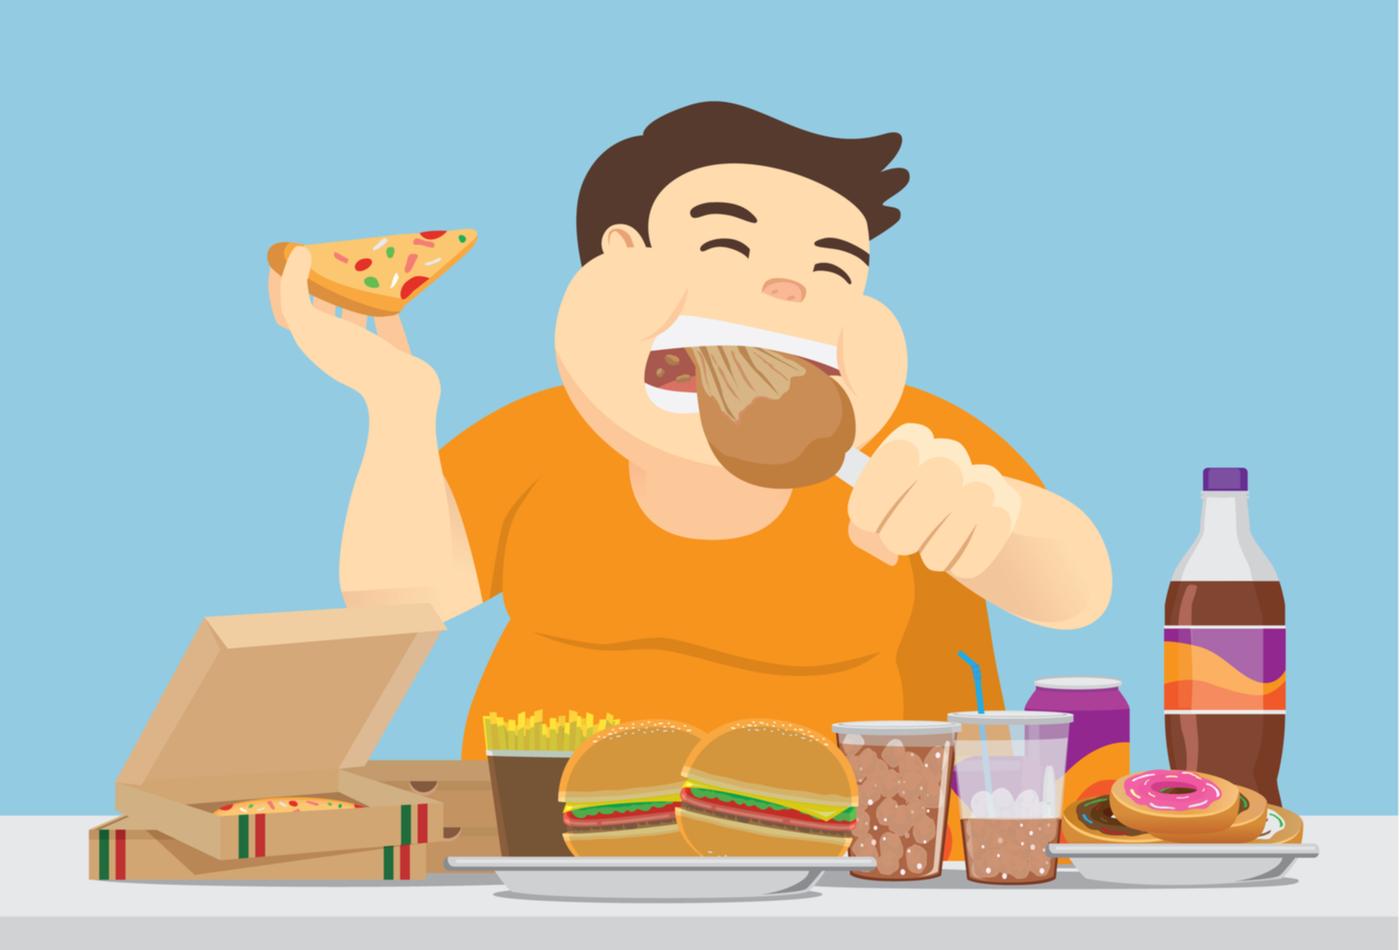 気持ち悪い胃痛を感じると腰痛になる原因【胃痛→腰痛】